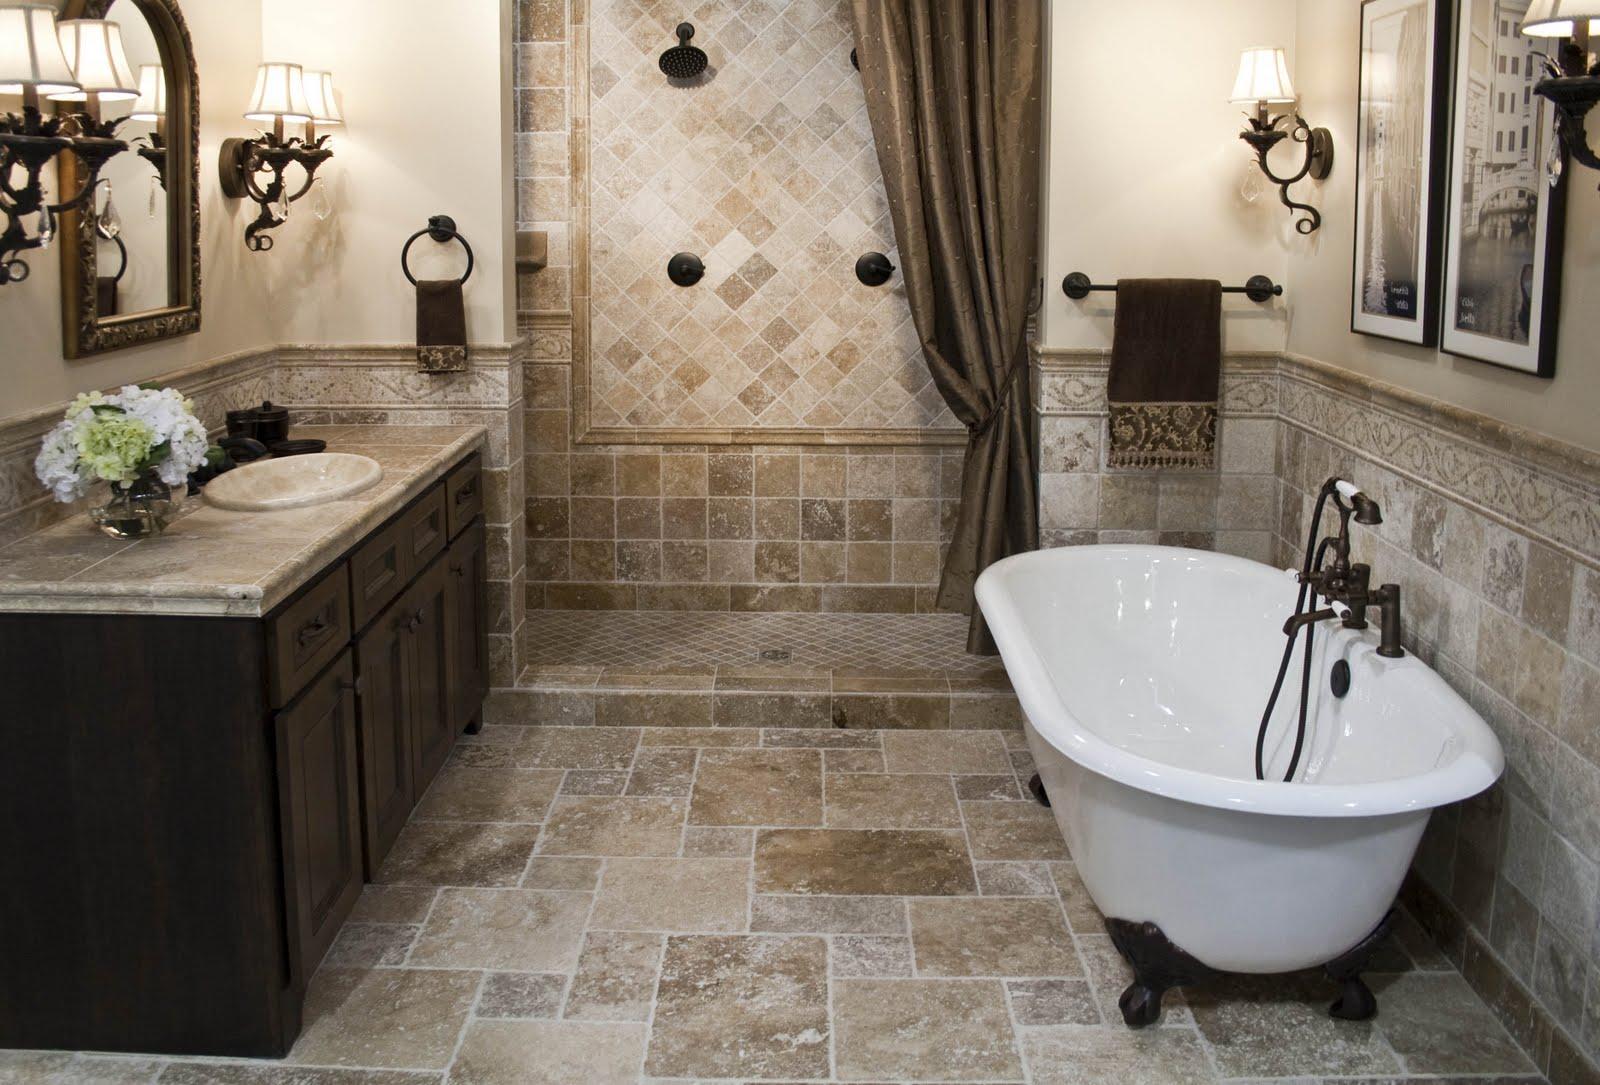 Каменная плитка и краска в отделке ванной